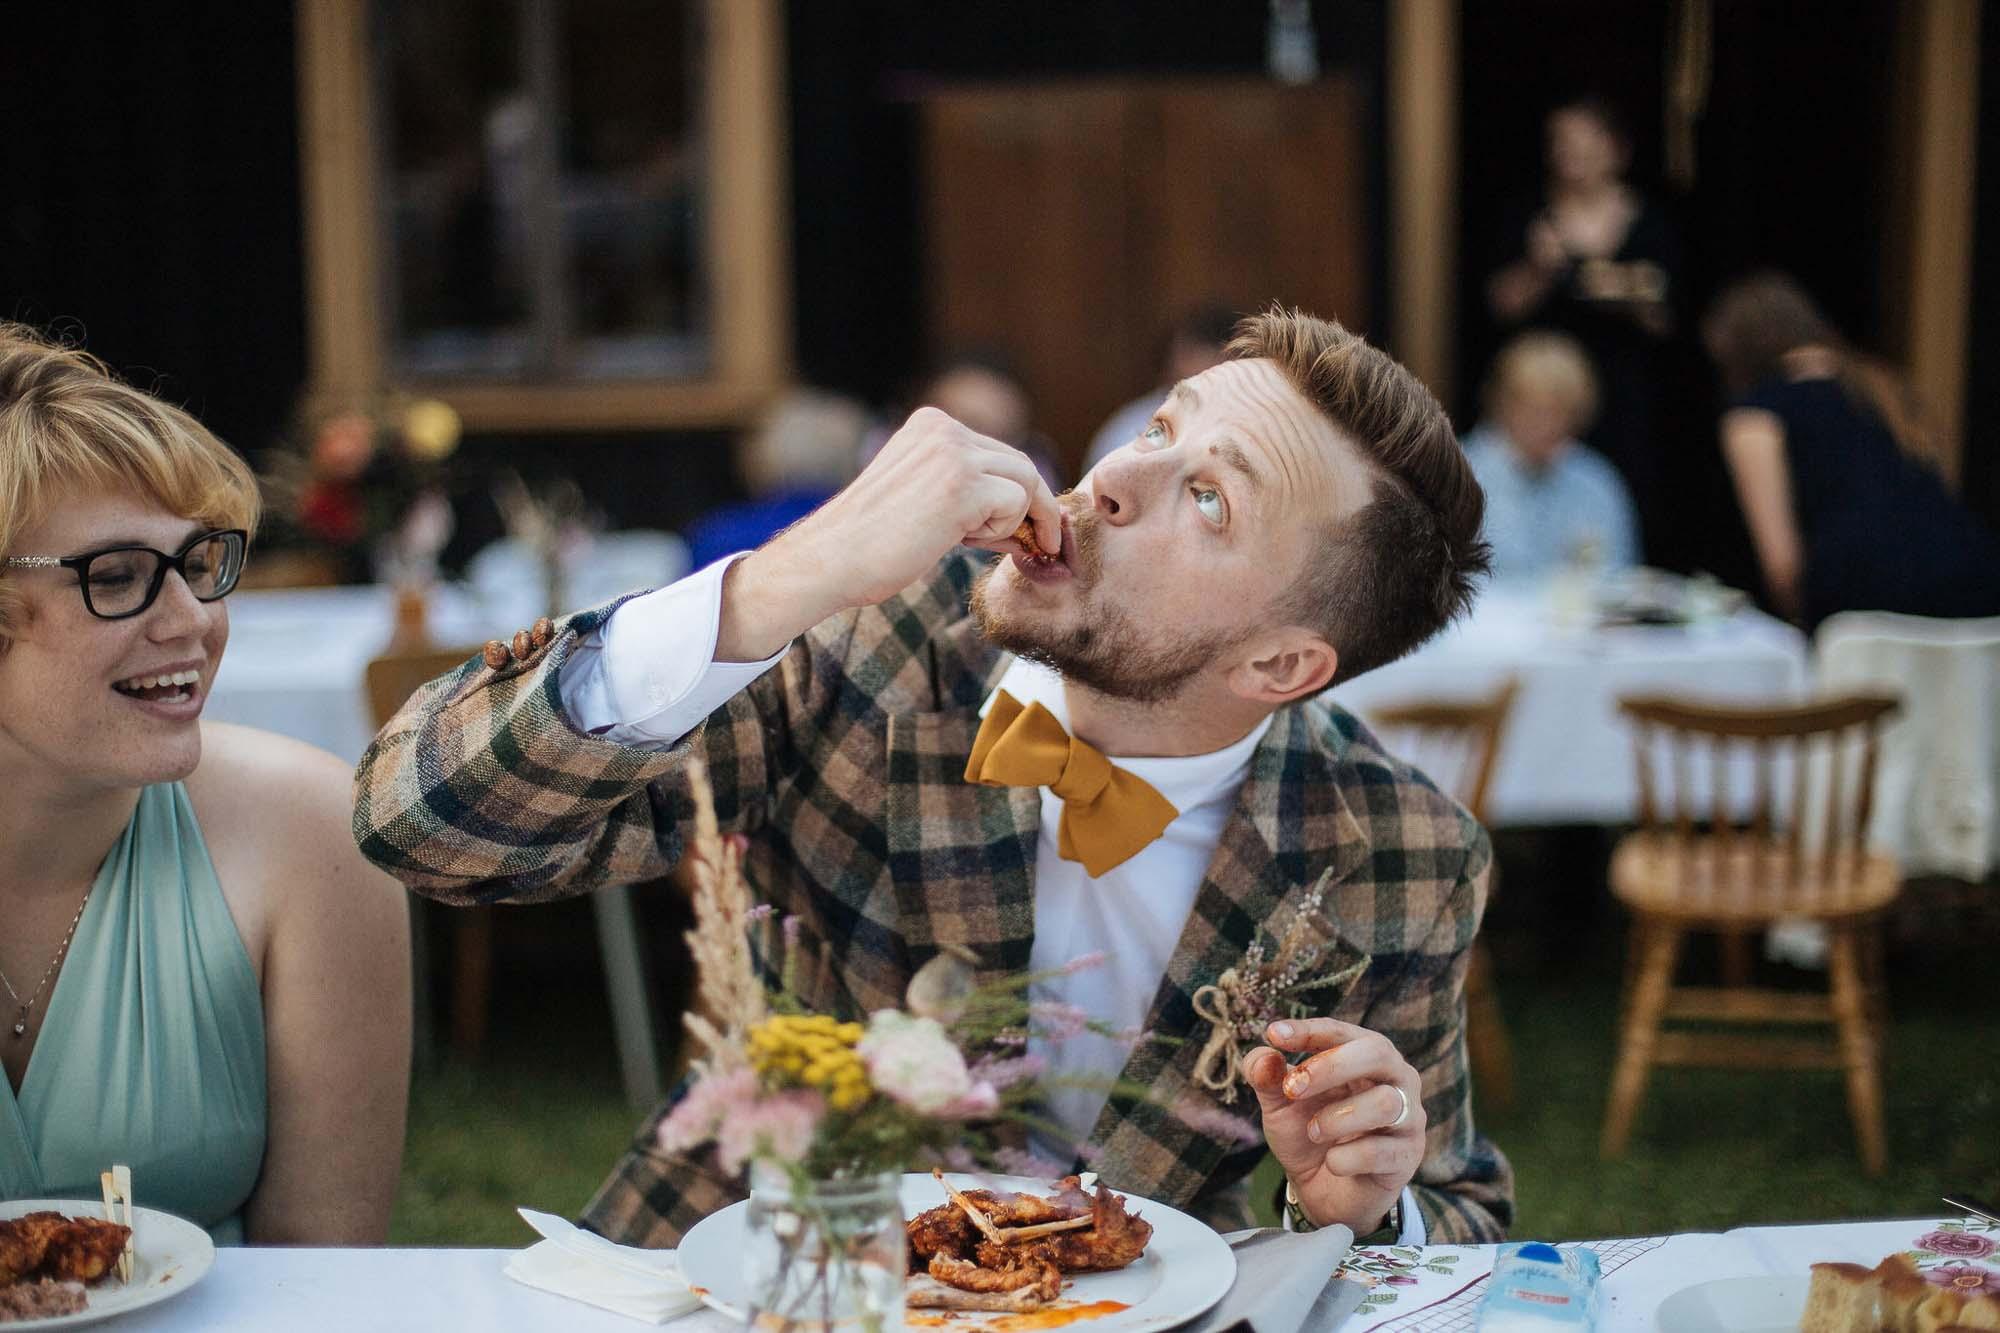 Tady se jedná o ženicha, ten jíst určitě může. ;)